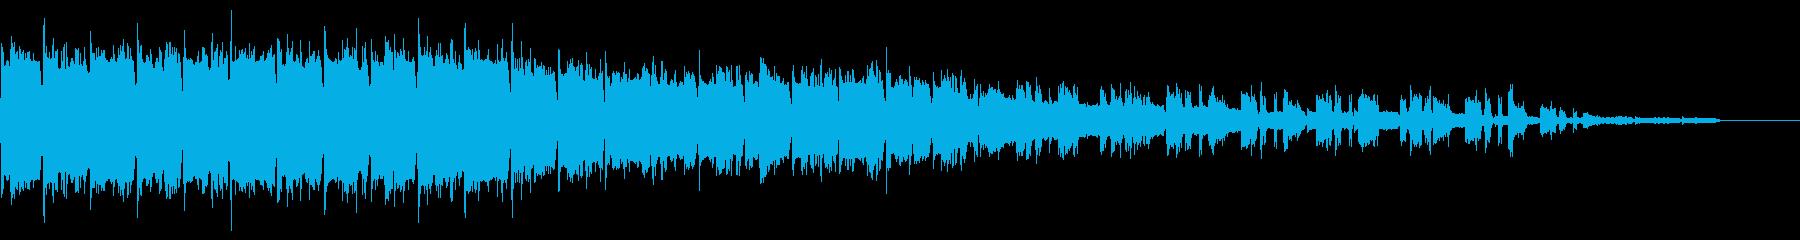 SF、スペーシー、無機質なイントロの再生済みの波形